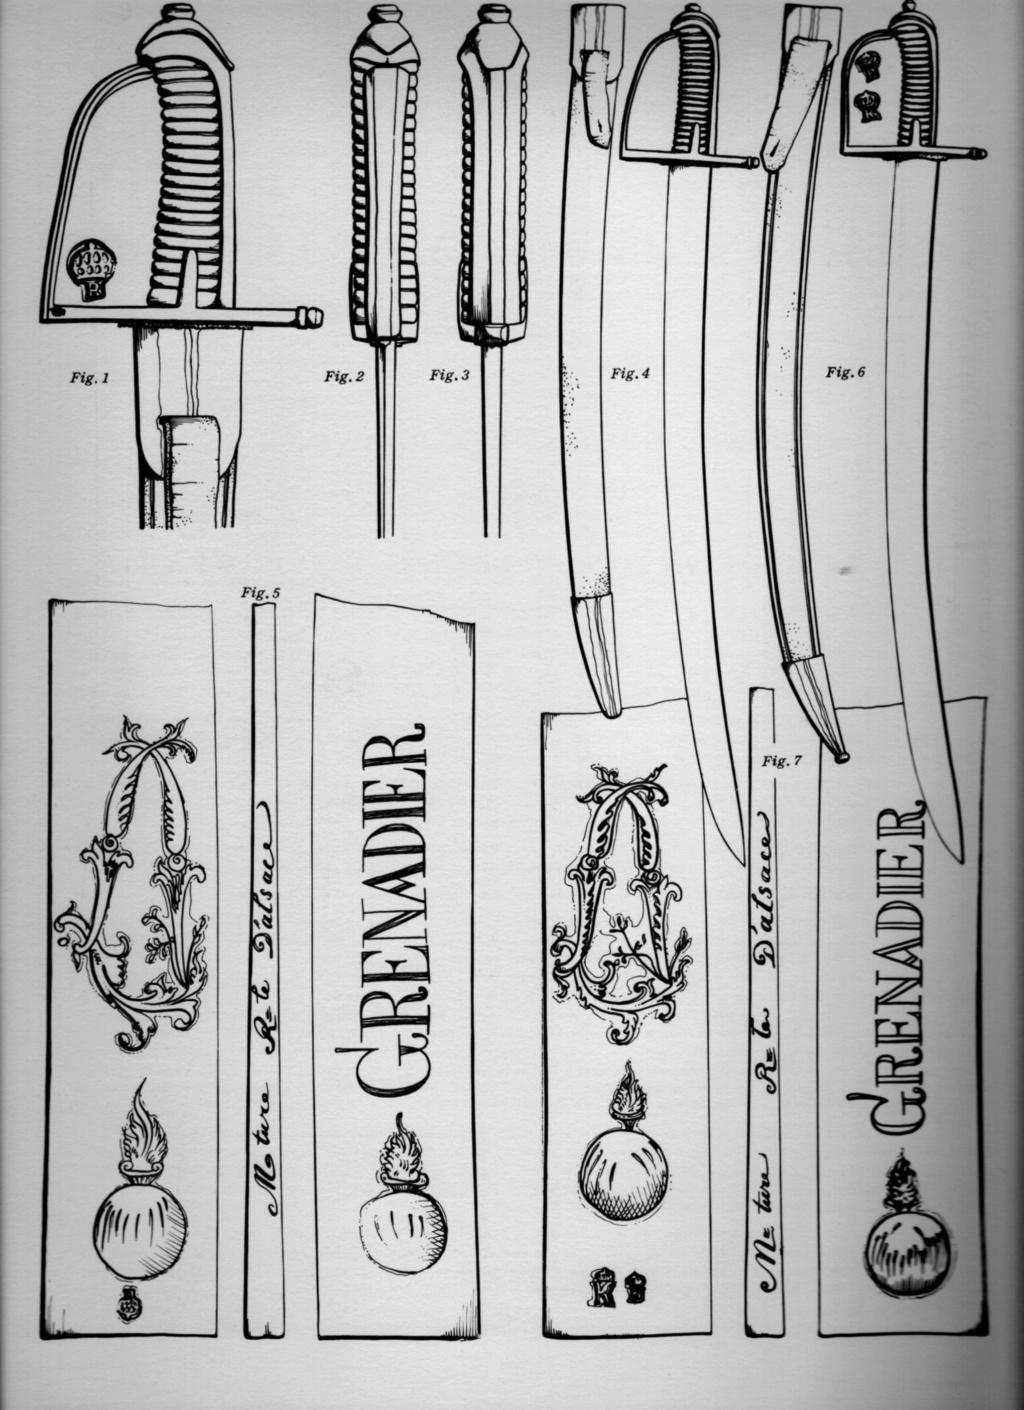 Les sabres briquets 1ère partie : les modèles 1767 et 1790 - Page 2 07280110